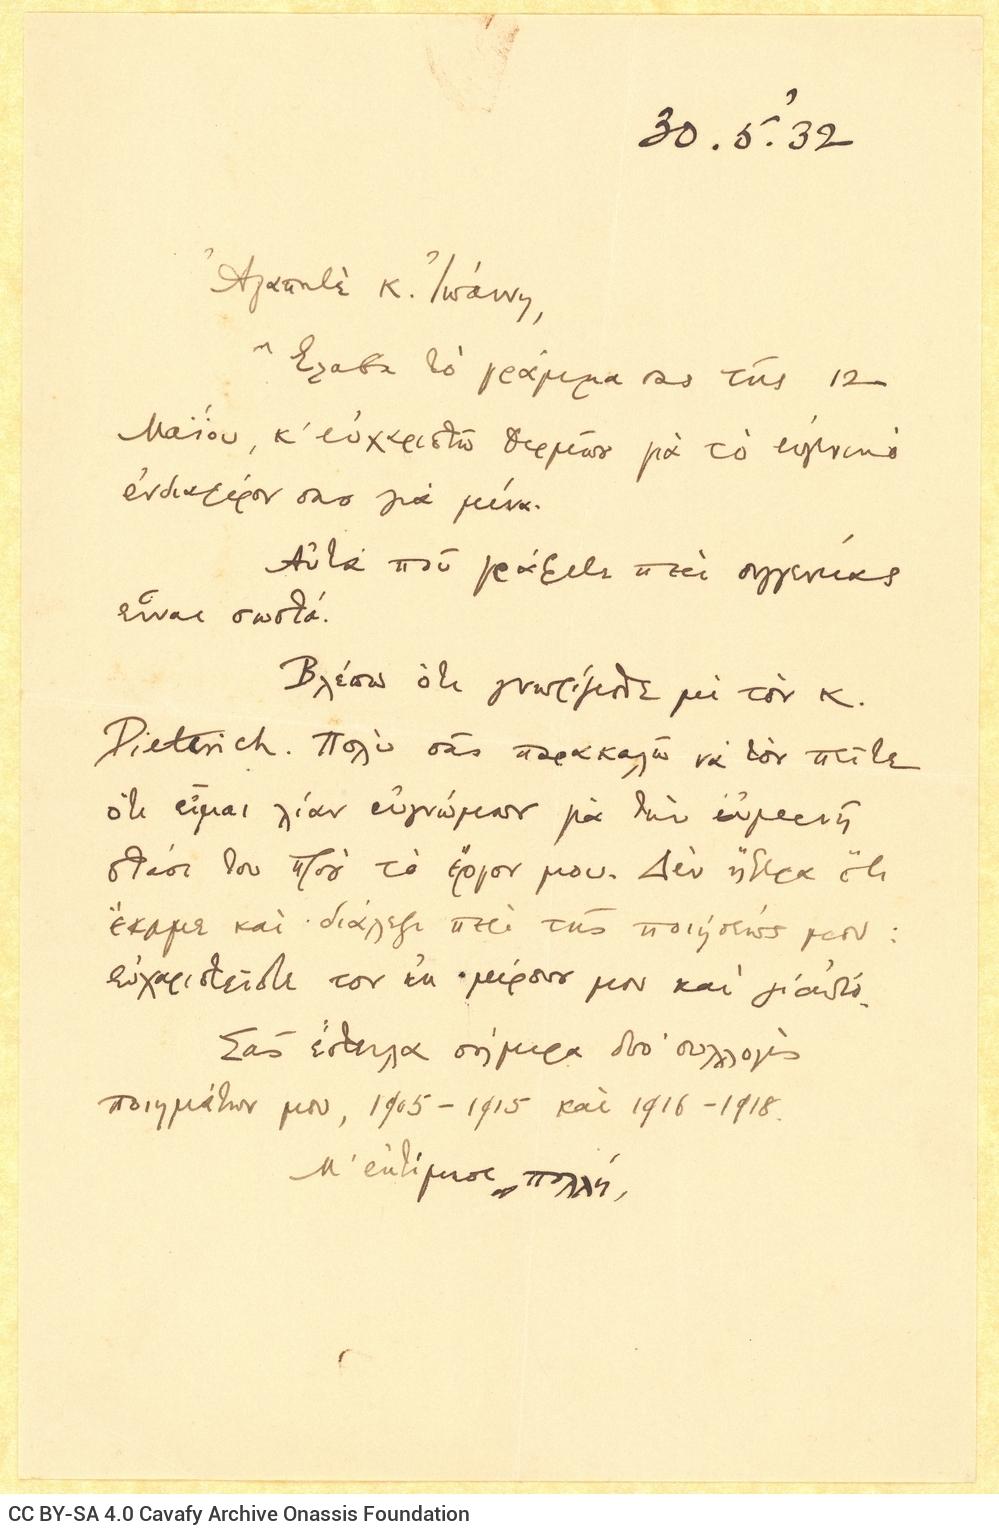 Χειρόγραφο αντίγραφο επιστολής του Καβάφη στη μία όψη φύλλου. Το verso